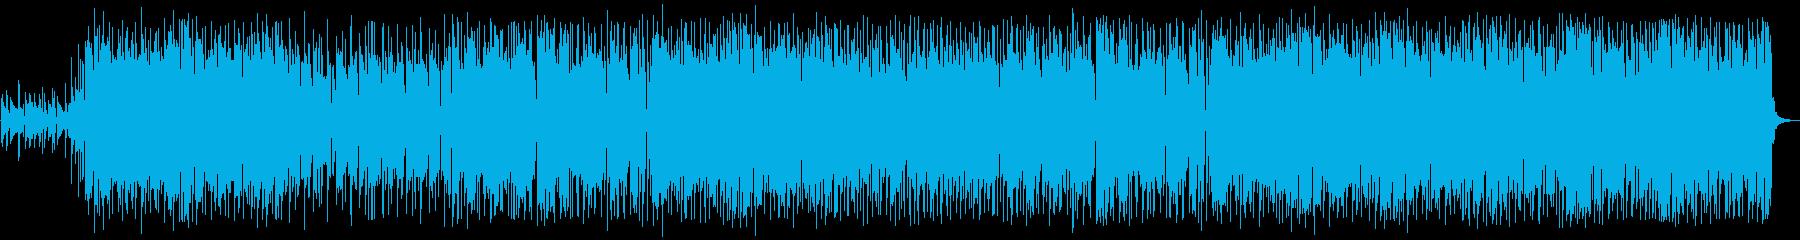 ピアノとギターのポップな癒し系BGMの再生済みの波形